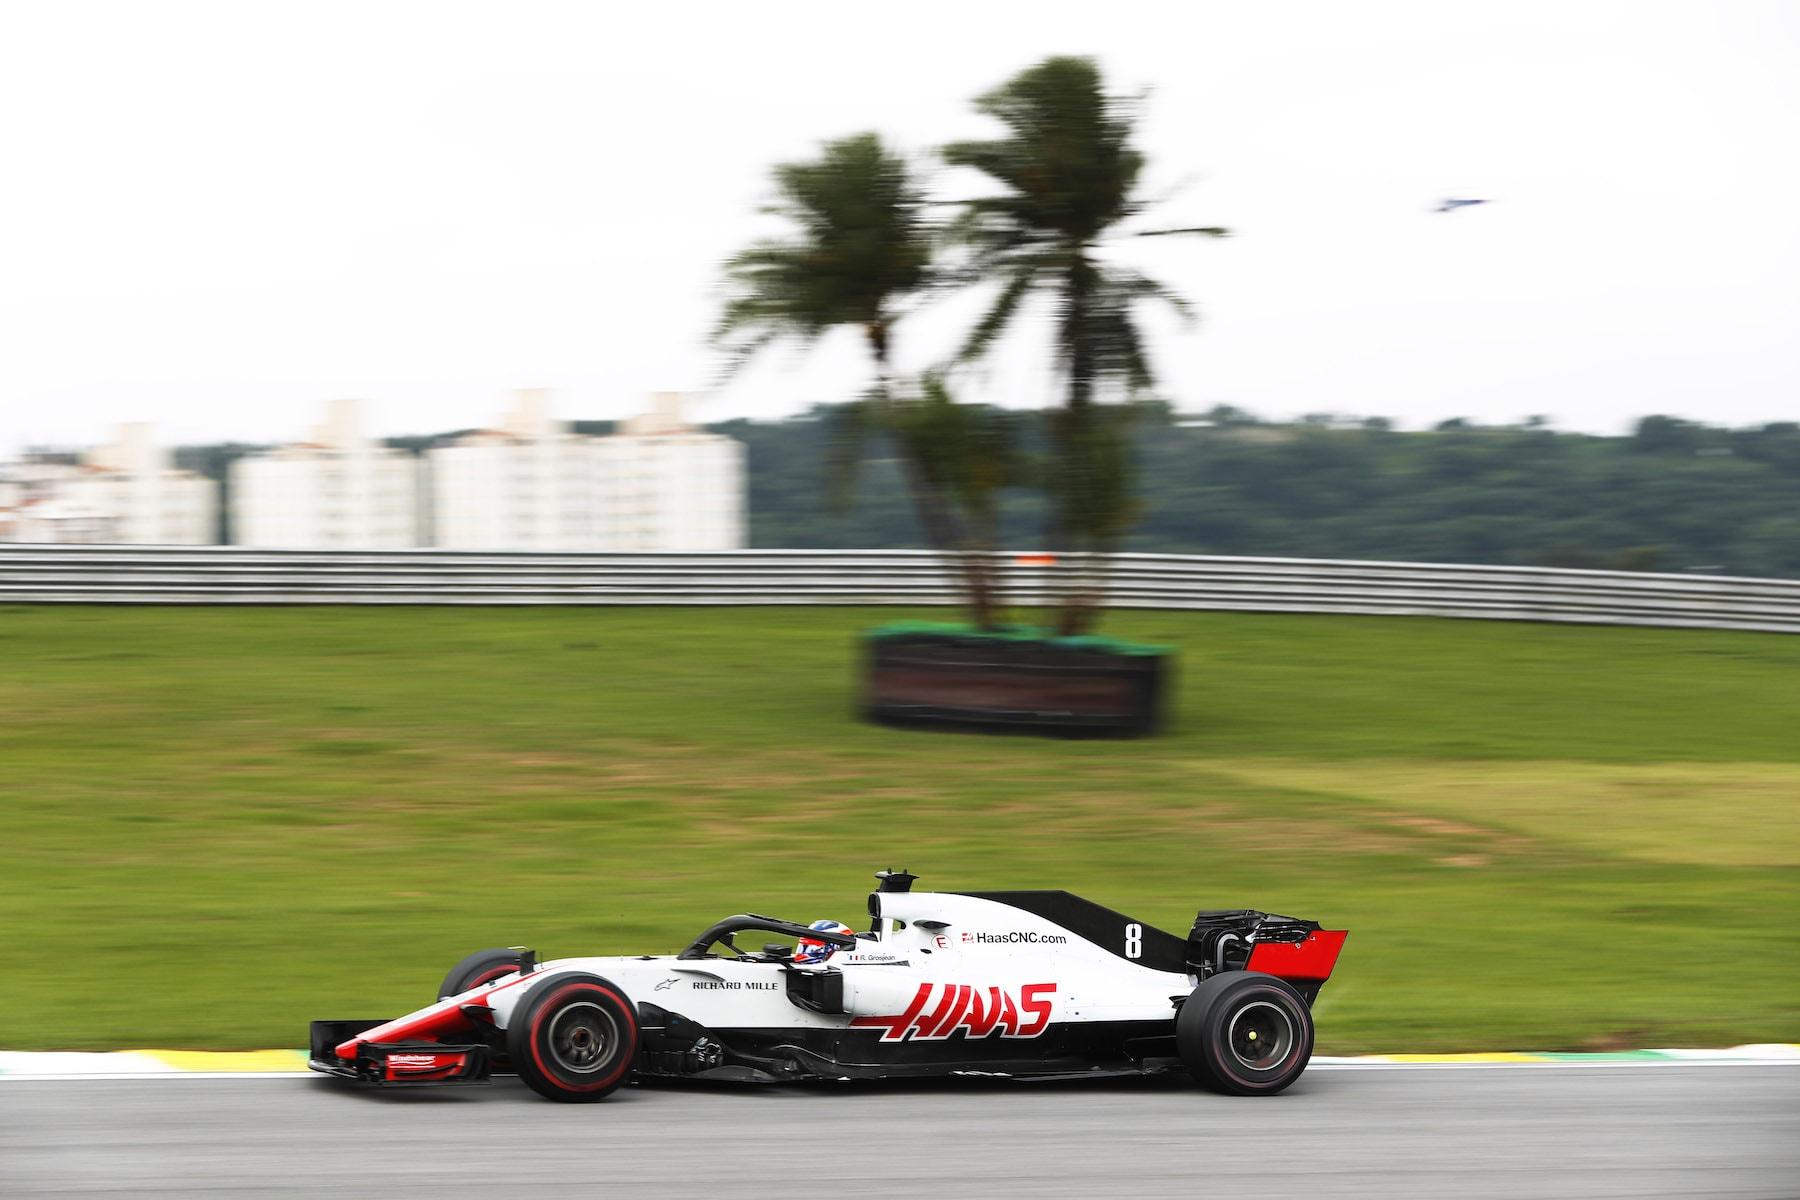 H 2018 Romain Grosjean | Haas VF18 | 2018 Brazilian GP 1 copy.jpg